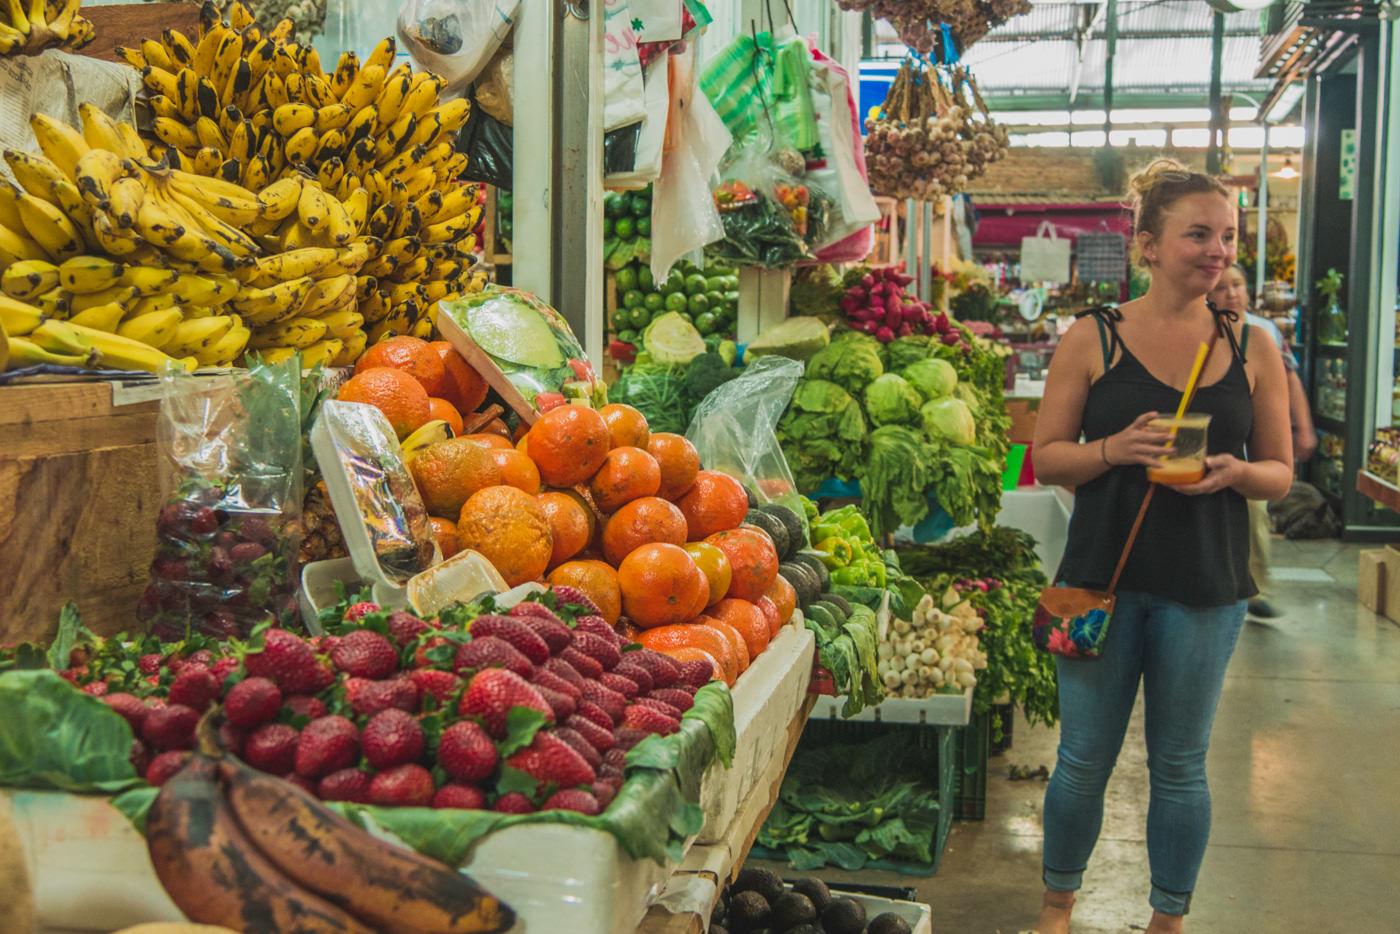 Unsere Anlaufstelle für frische Früchte und Säfte. Mercado Benito Juarez.